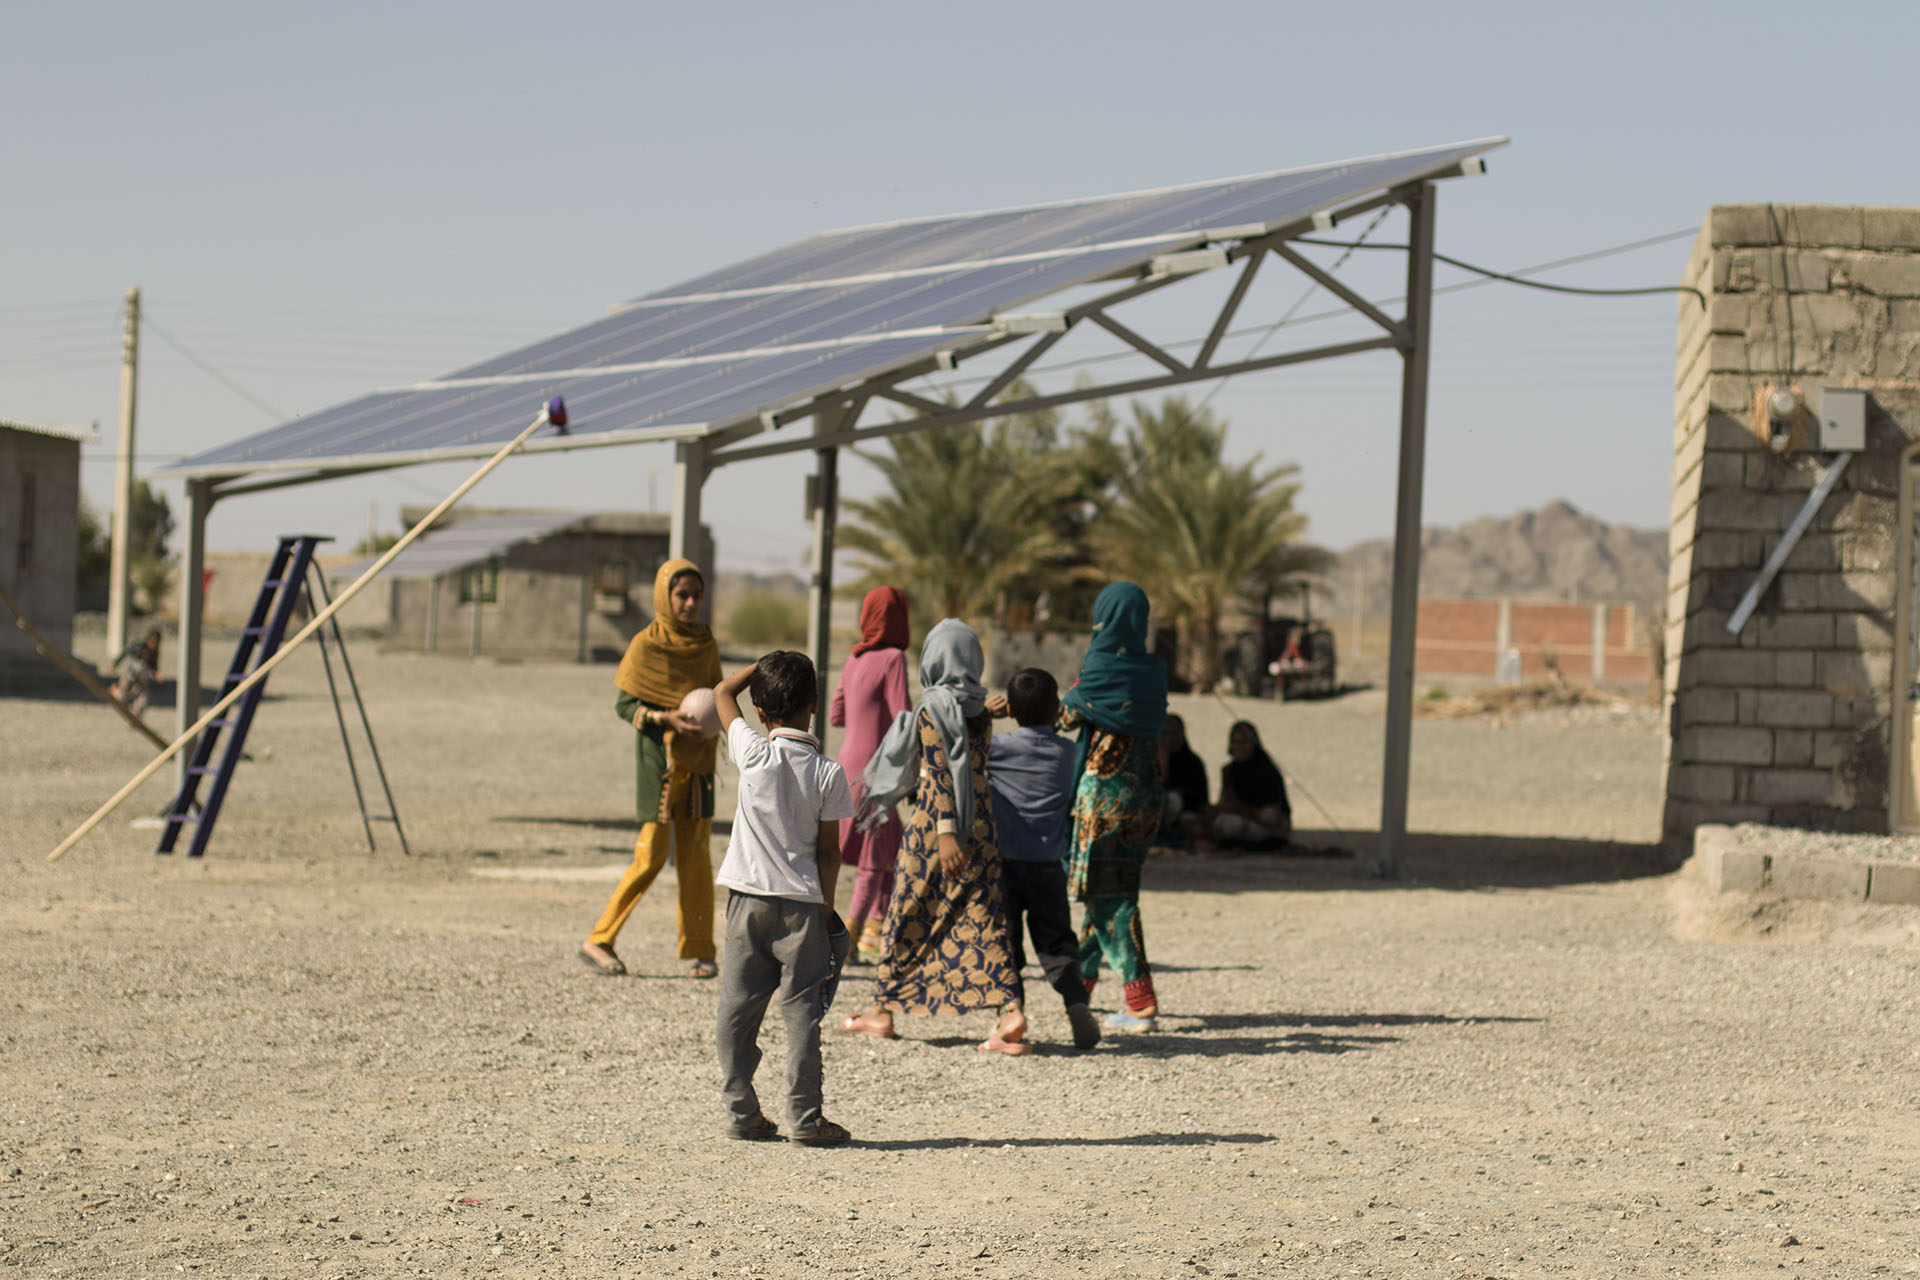 با پایان یافتن دوره بازپرداخت اقساط نیروگاههای خورشیدی طرح پایلوت، تمامی درآمد ناشی از فروش برق بانوان سرپرست خانوار به حساب ایشان منظور میگردد.